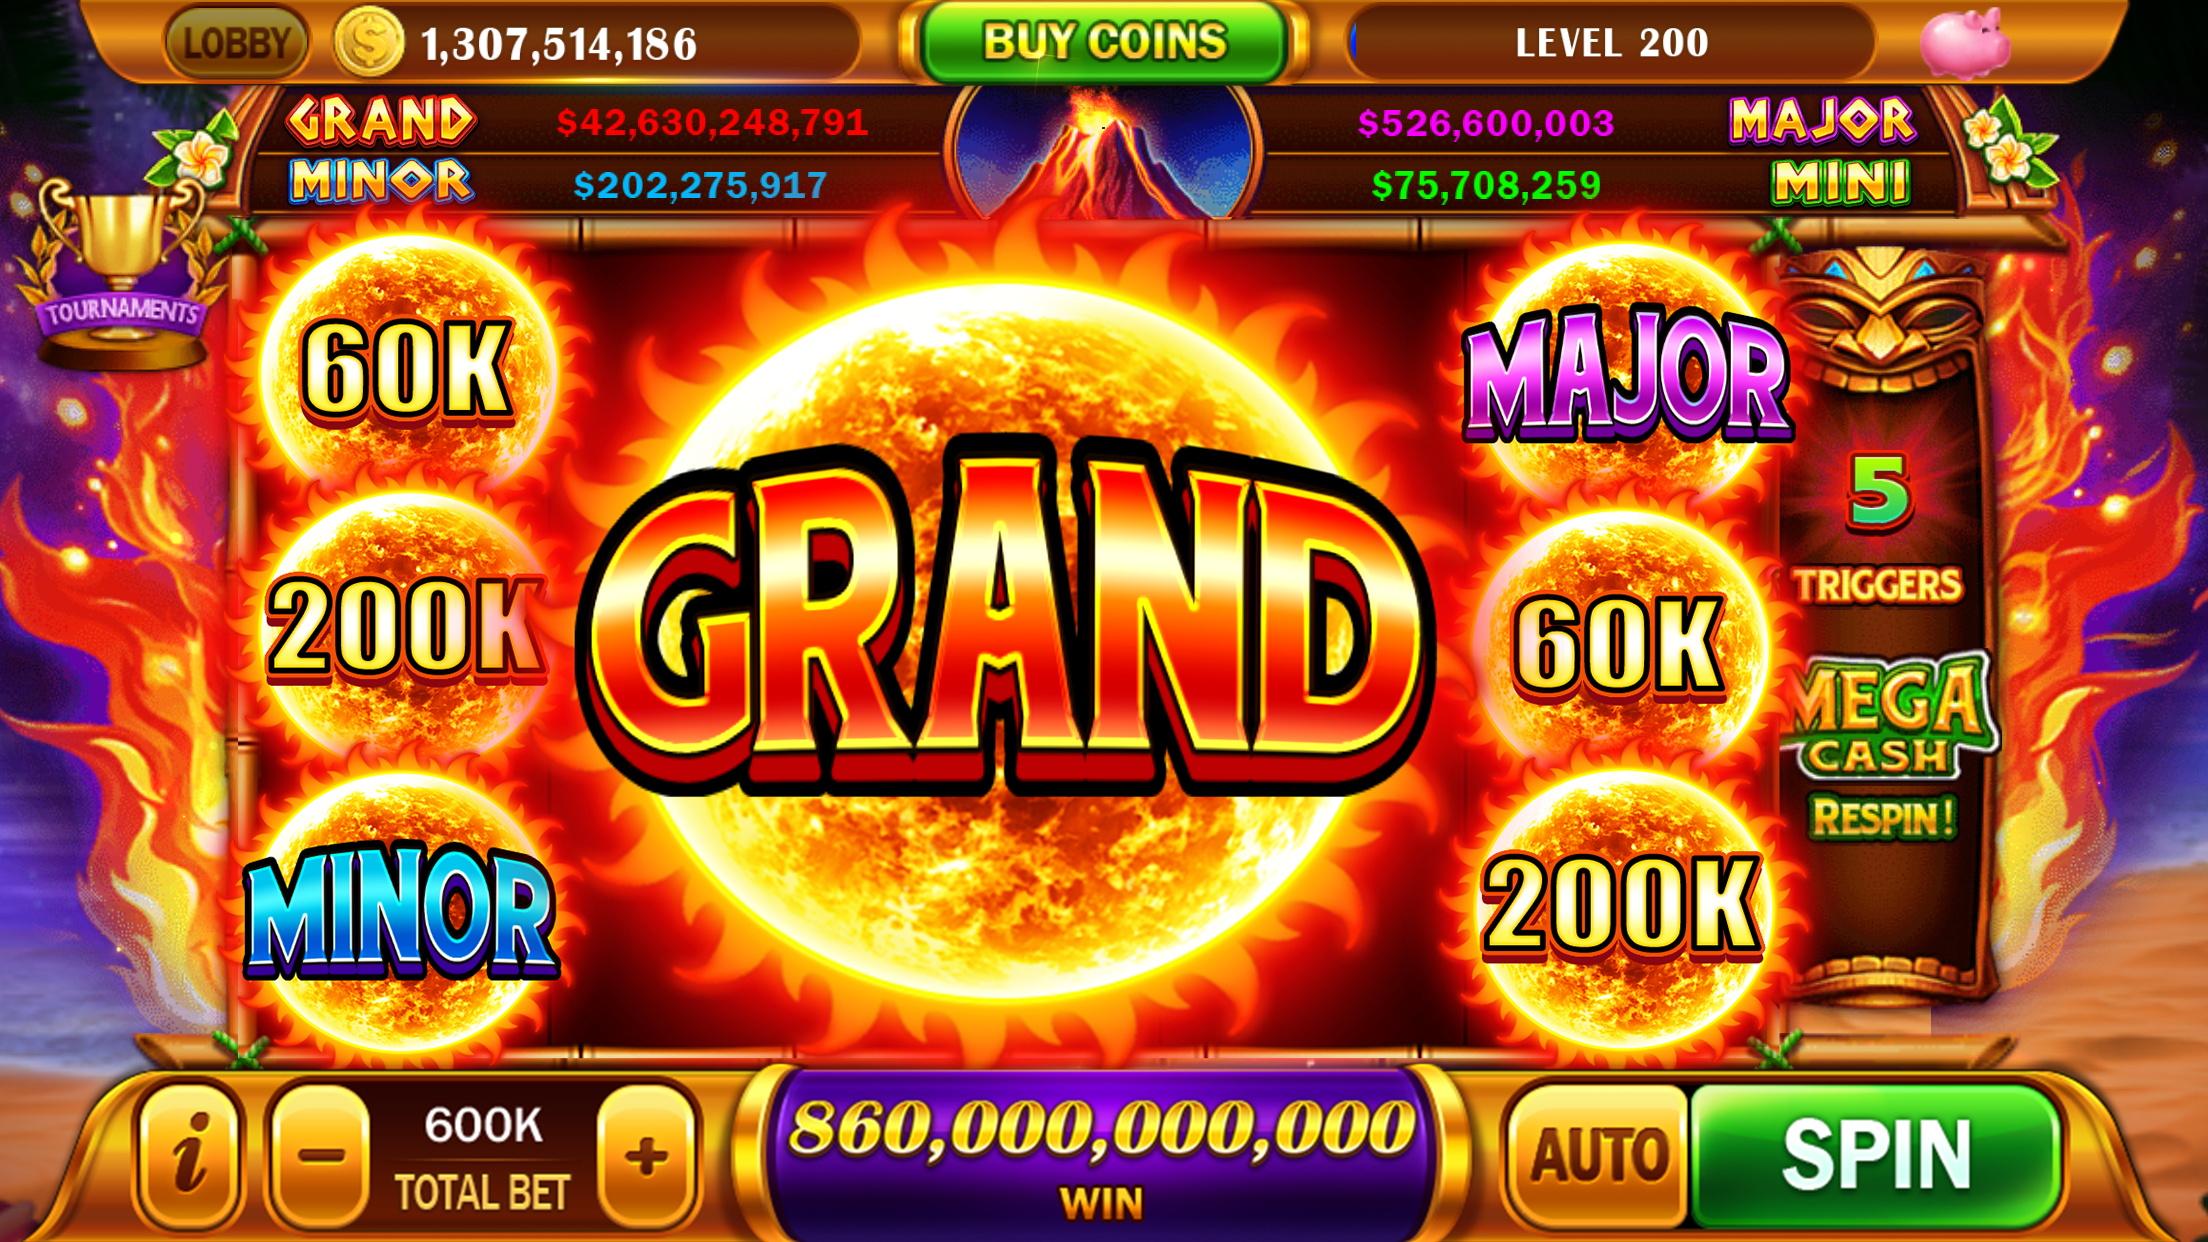 Golden Casino: Free Slot Machines & Casino Games APK 1.0.437 Download for  Android – Download Golden Casino: Free Slot Machines & Casino Games APK  Latest Version - APKFab.com